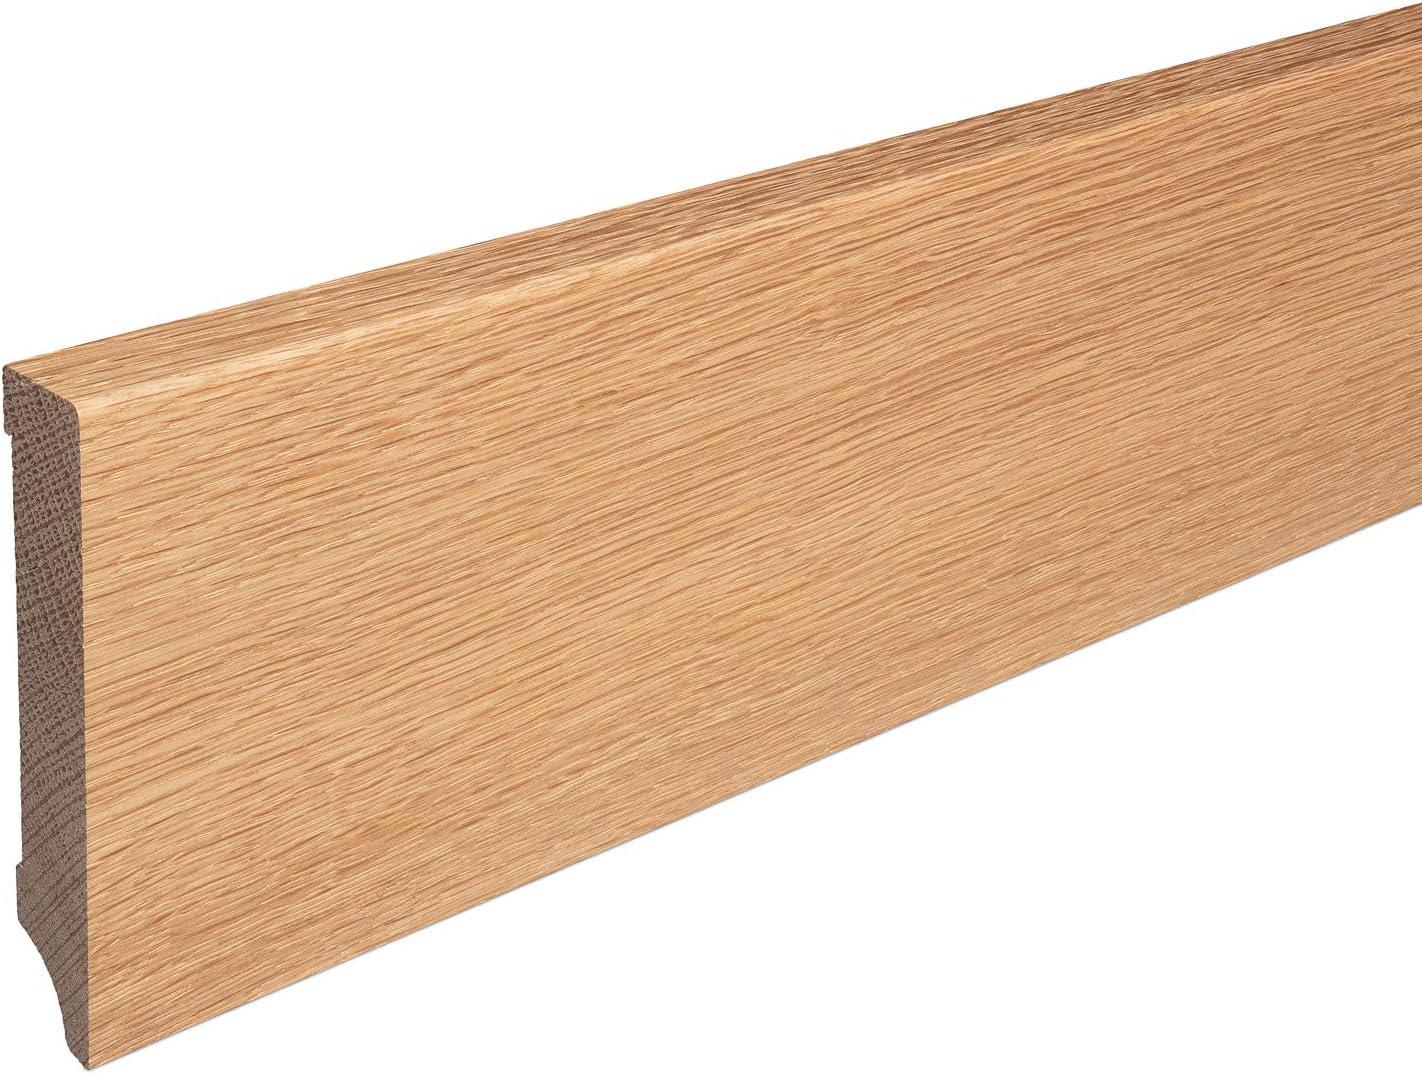 Sockelleisten aus Massivholz Eiche ge/ölt Weimarer Profil Modern SPARPAKET 60mm H/öhe, Musterst/ück//ca. 10cm